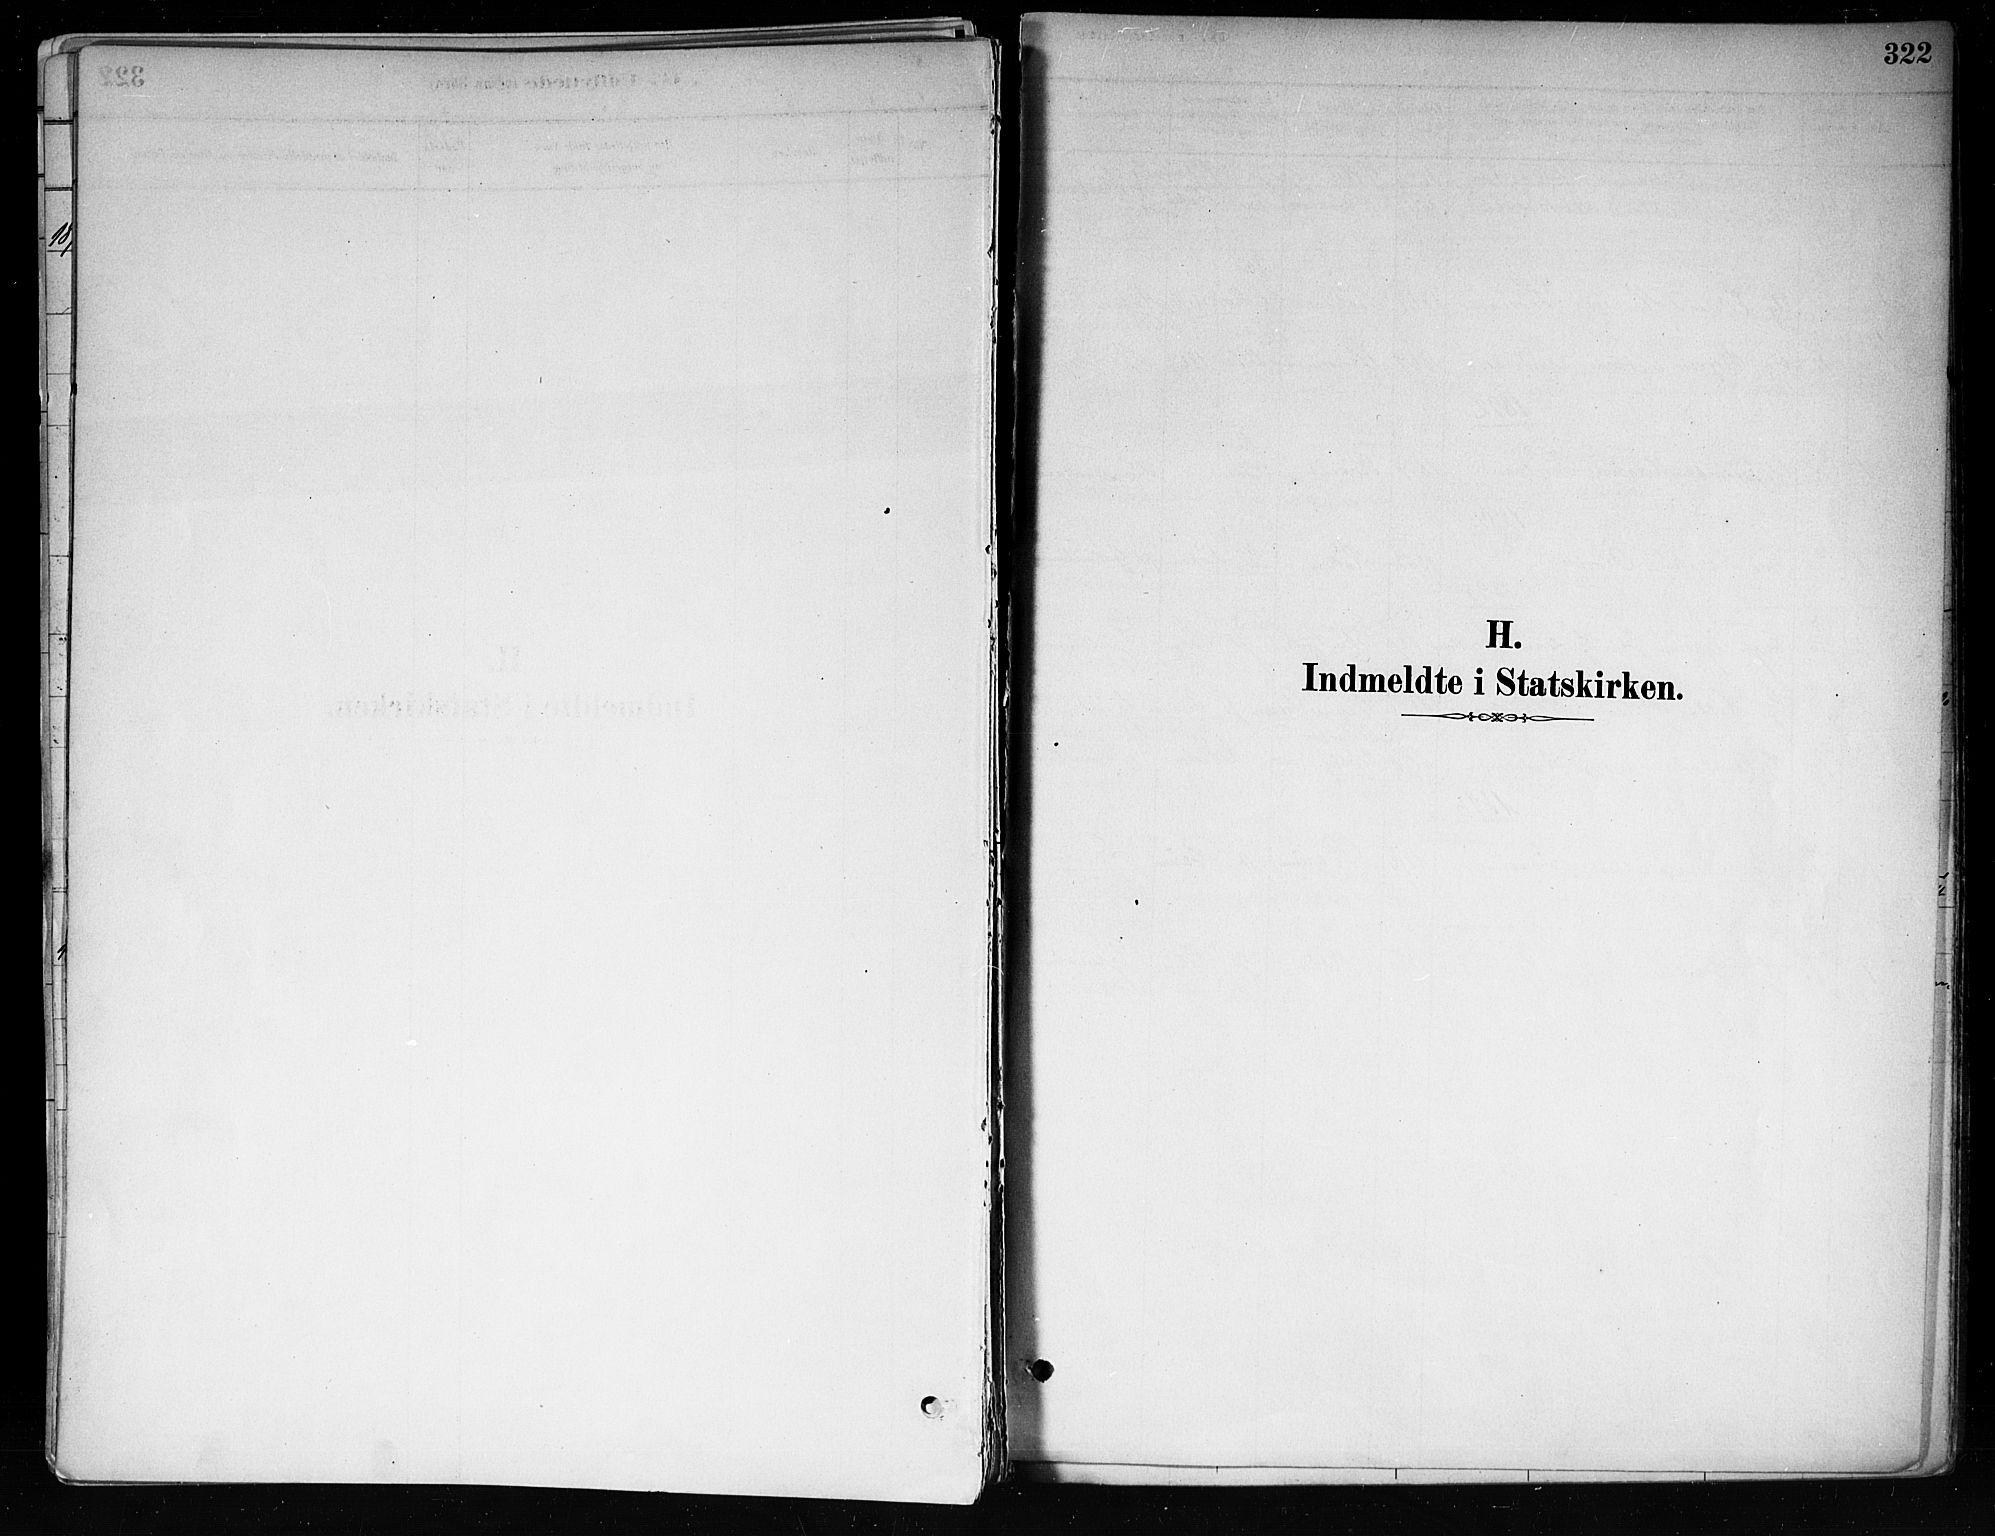 SAKO, Røyken kirkebøker, F/Fa/L0008: Ministerialbok nr. 8, 1880-1897, s. 322